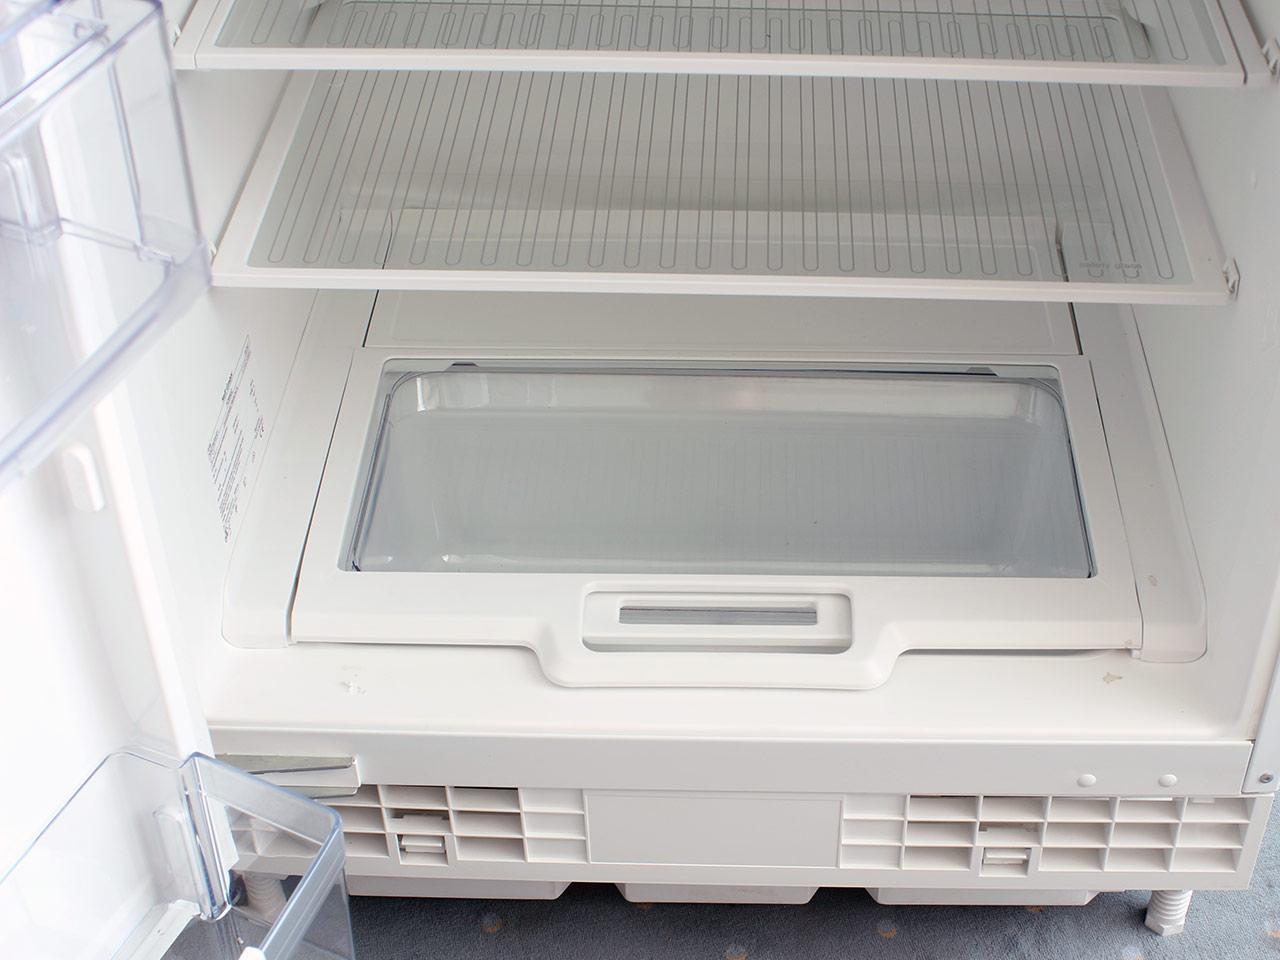 84,5 cm Neff KU215 Unterbau Kühlschrank EEK A ohne Gefrierfach ...